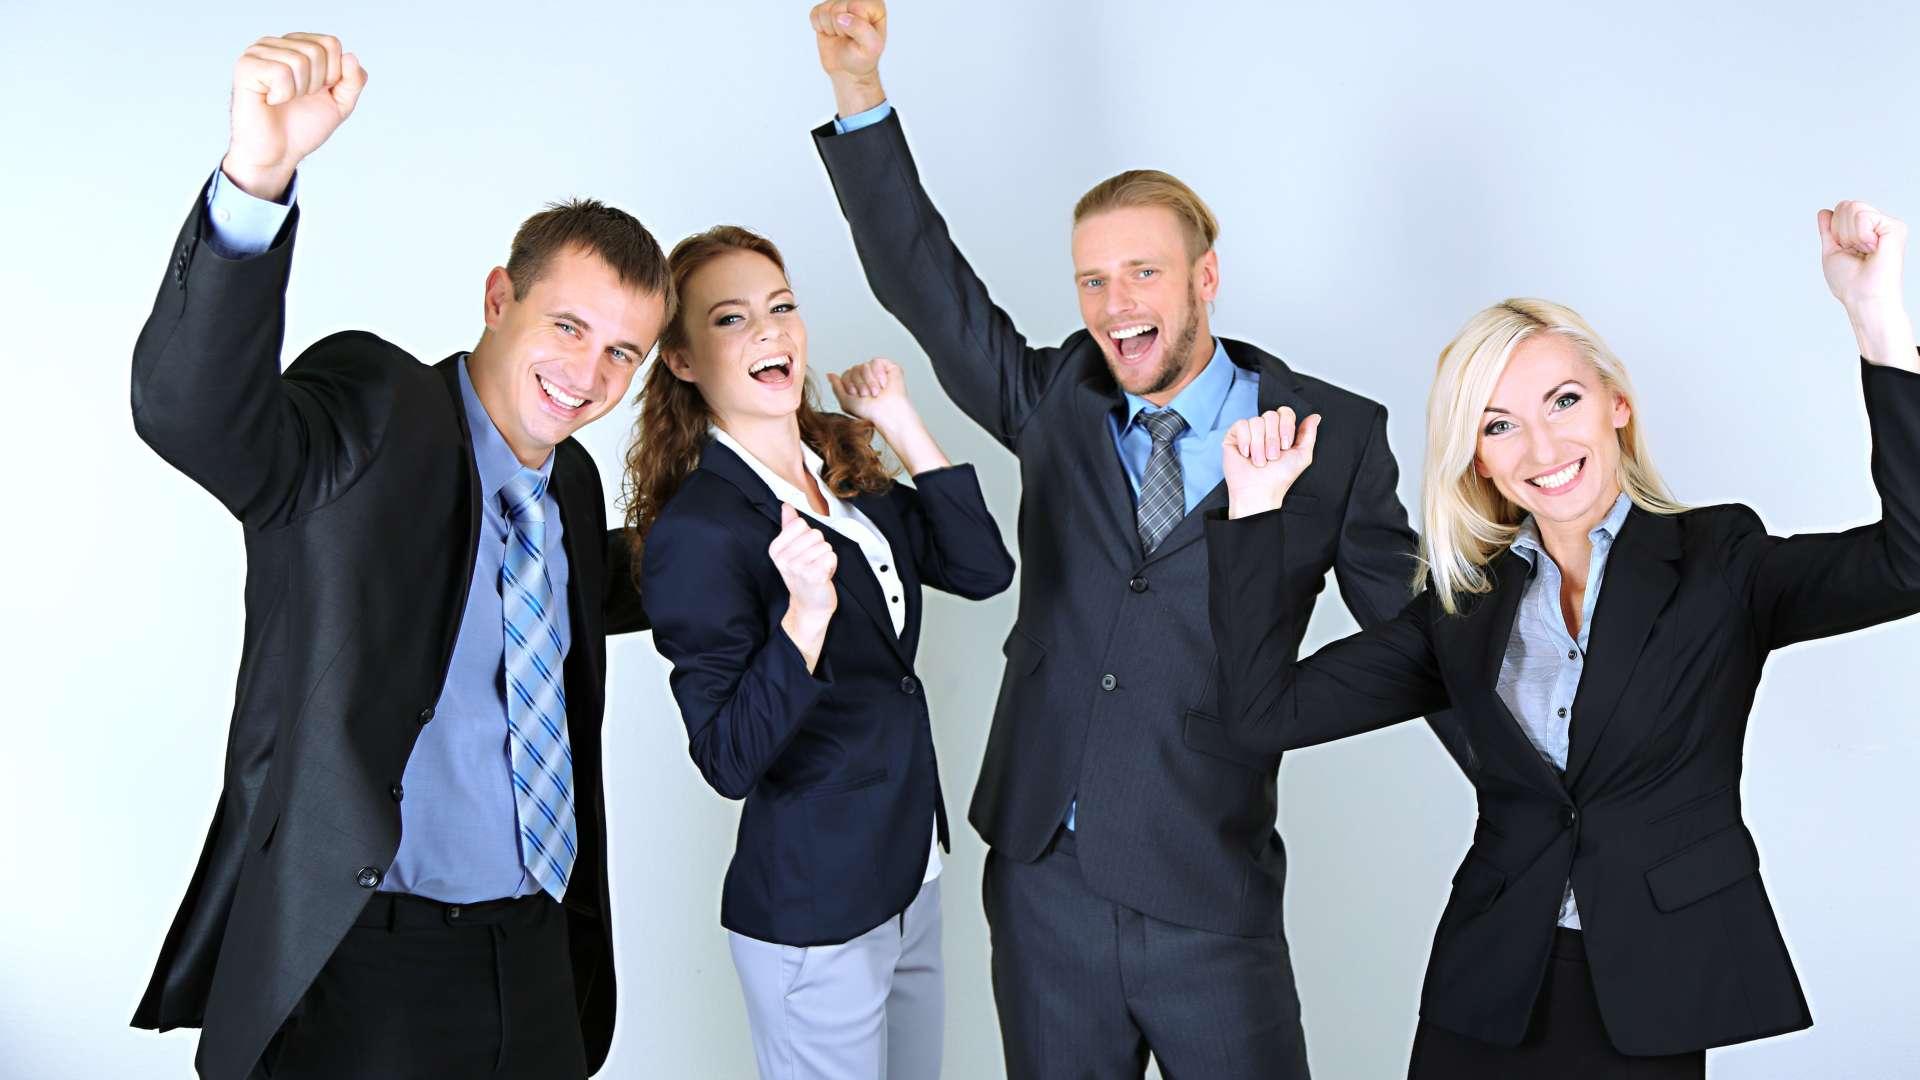 Przywództwo to przede wszystkim emocje emocje Mediarun kariera emocje lider 57870626